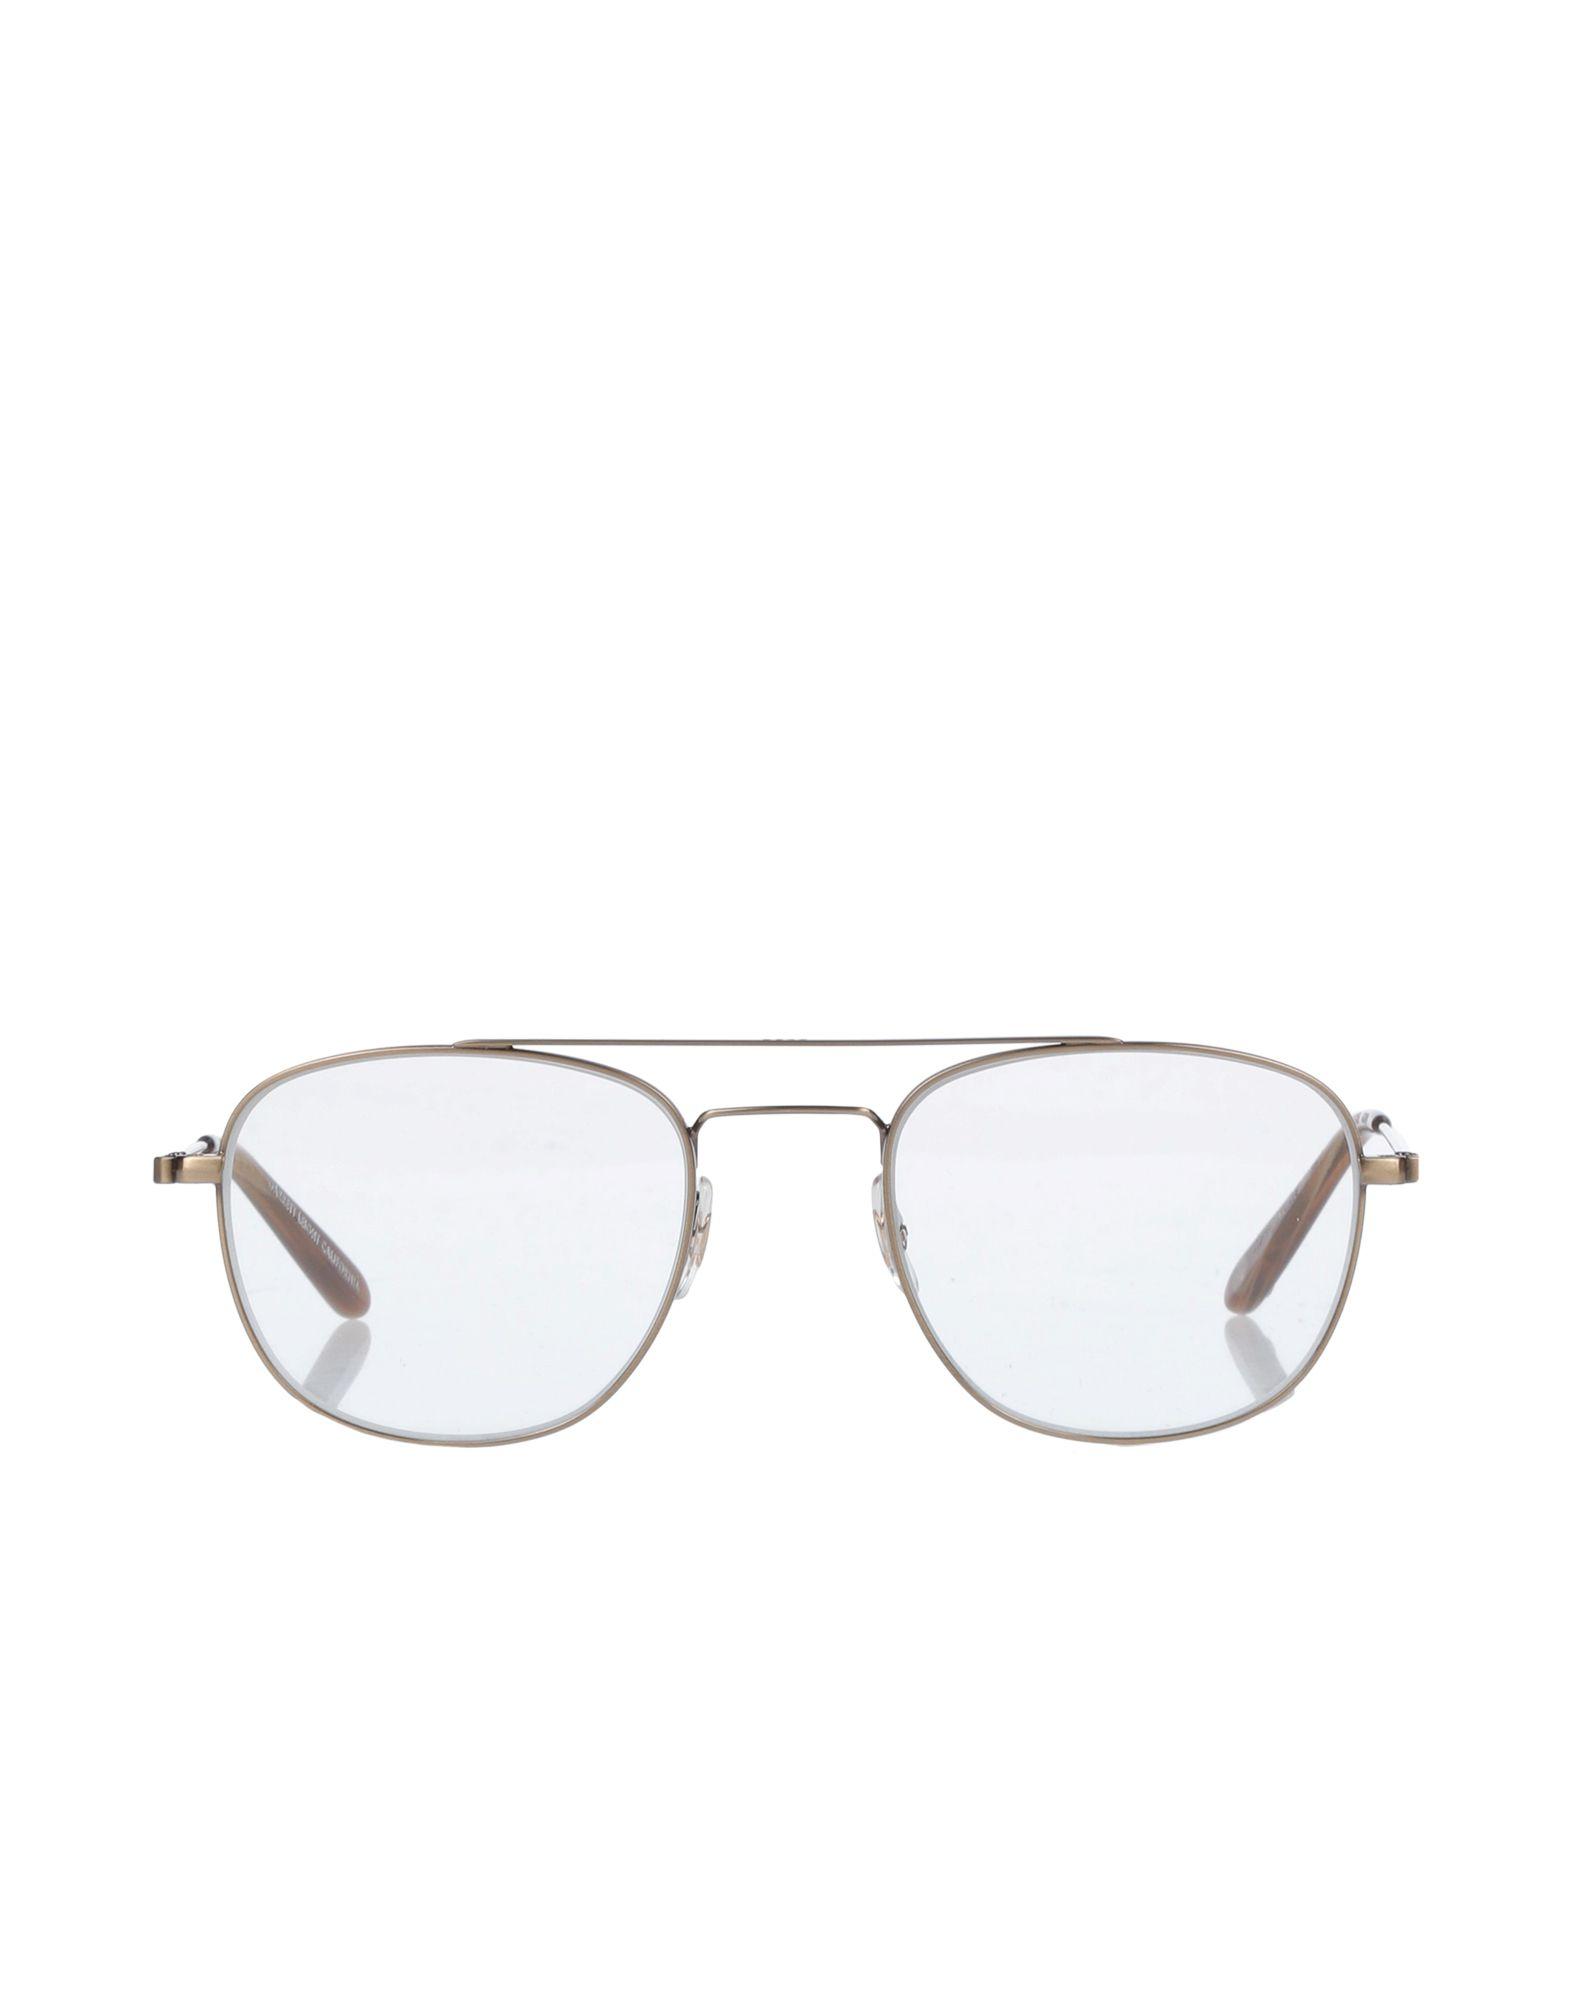 GARRETT LEIGHT CALIFORNIA OPTICAL Herren Brille Farbe Beige Größe 1